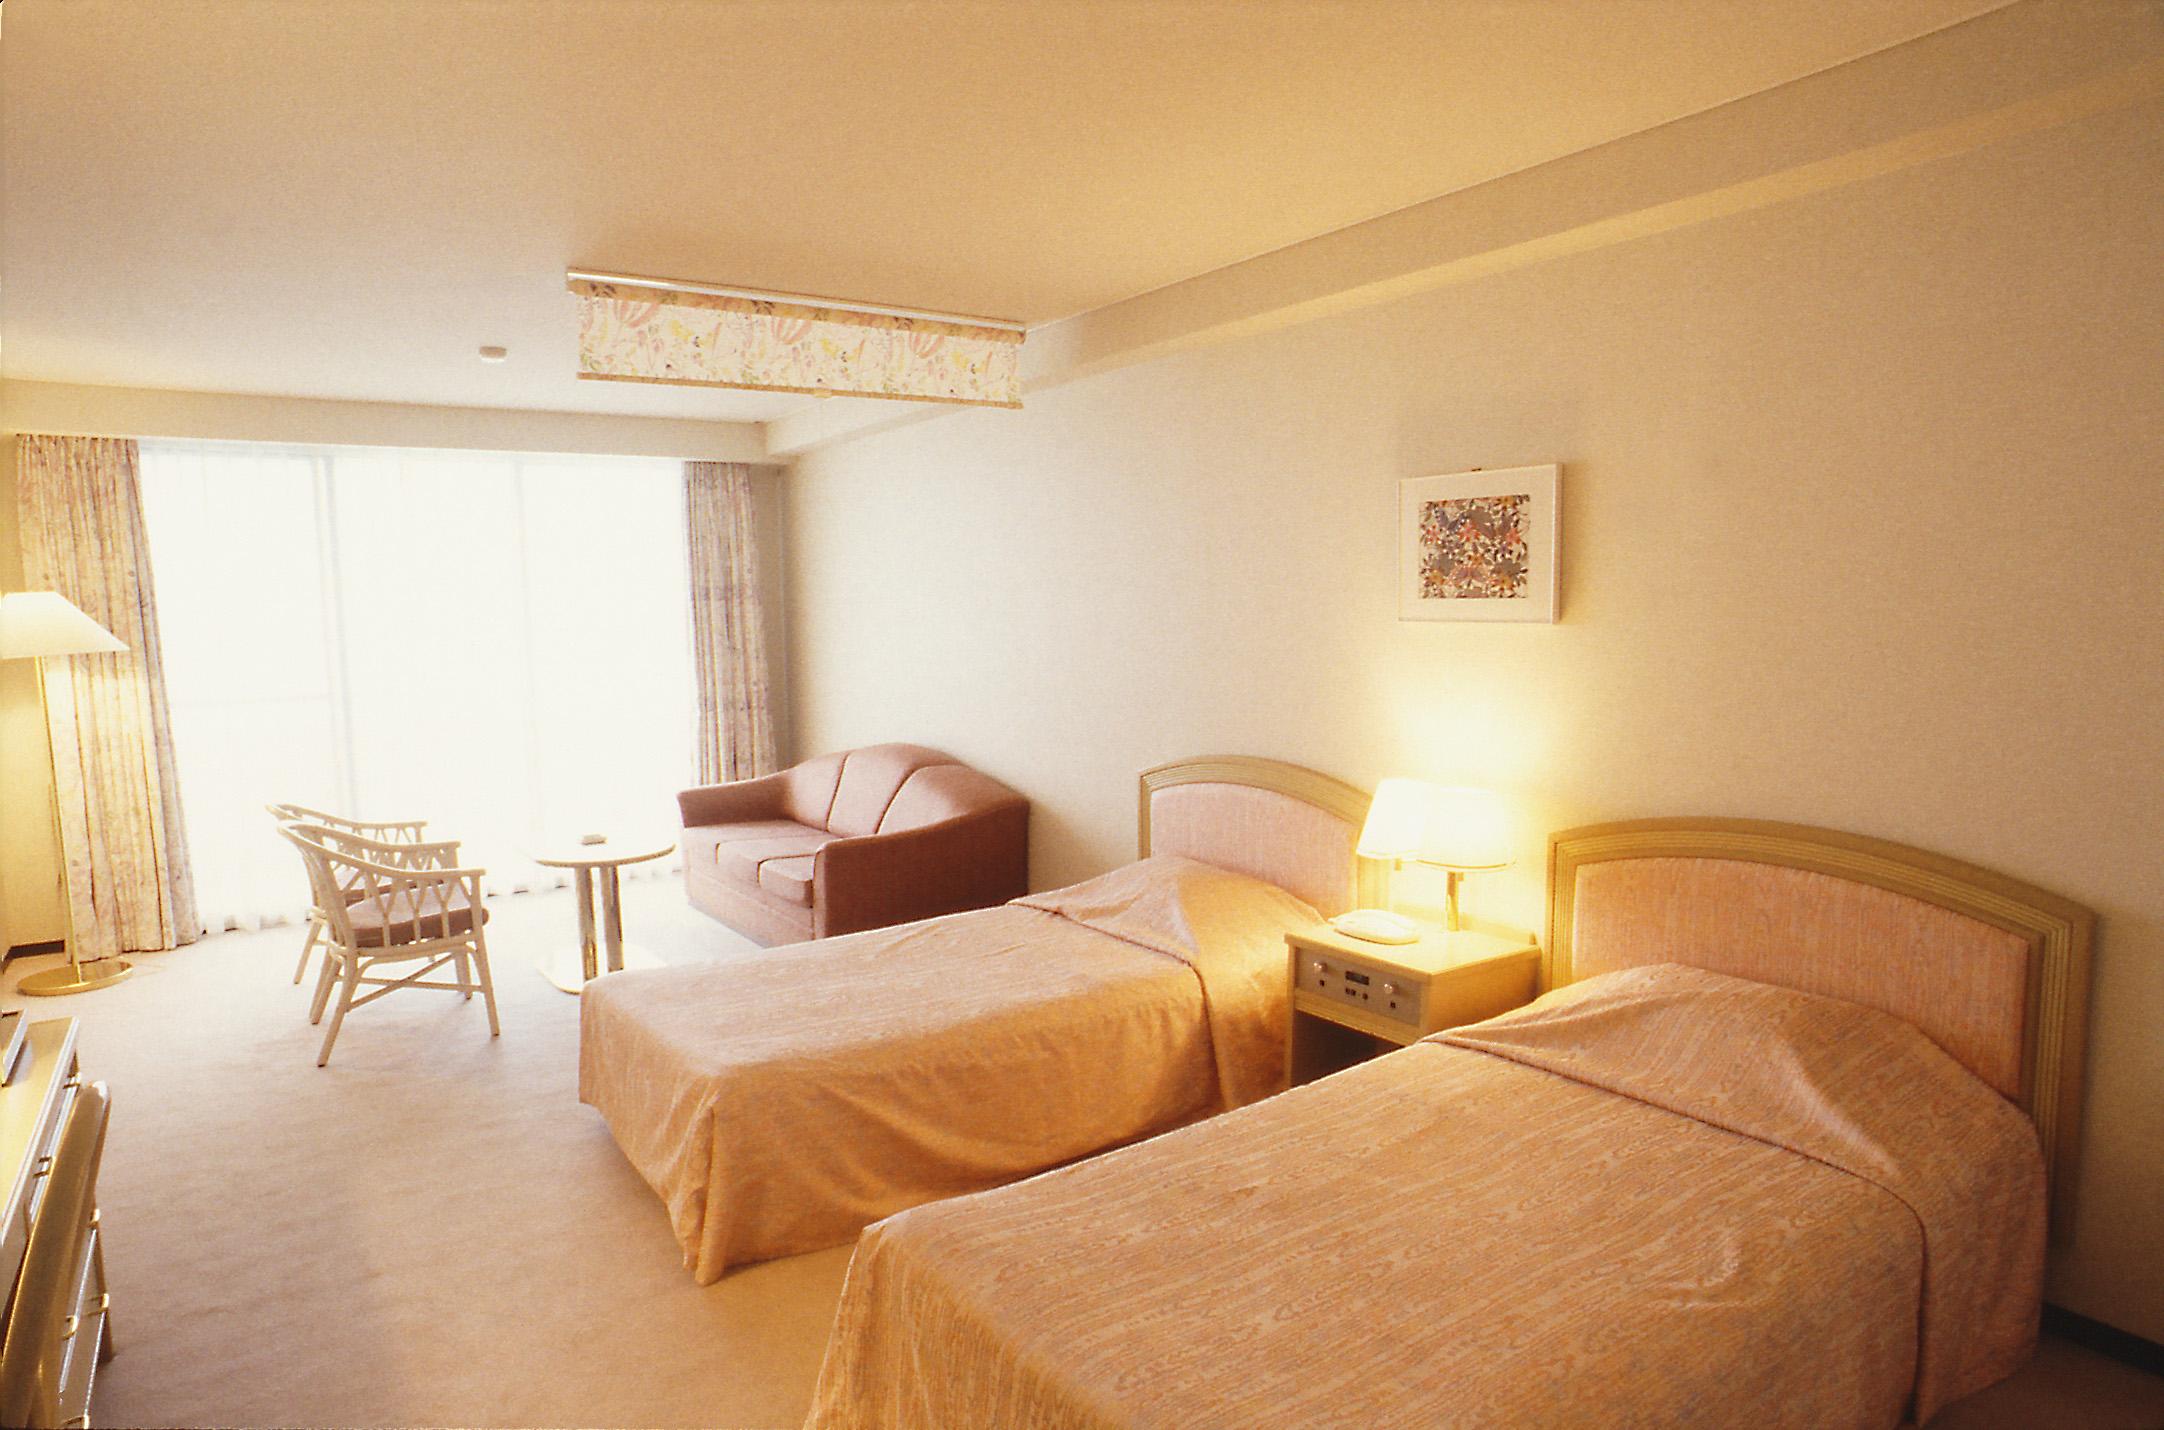 ホテル選択に重視されるのは無料Wi-Fi、食事など-Hotels.com調査